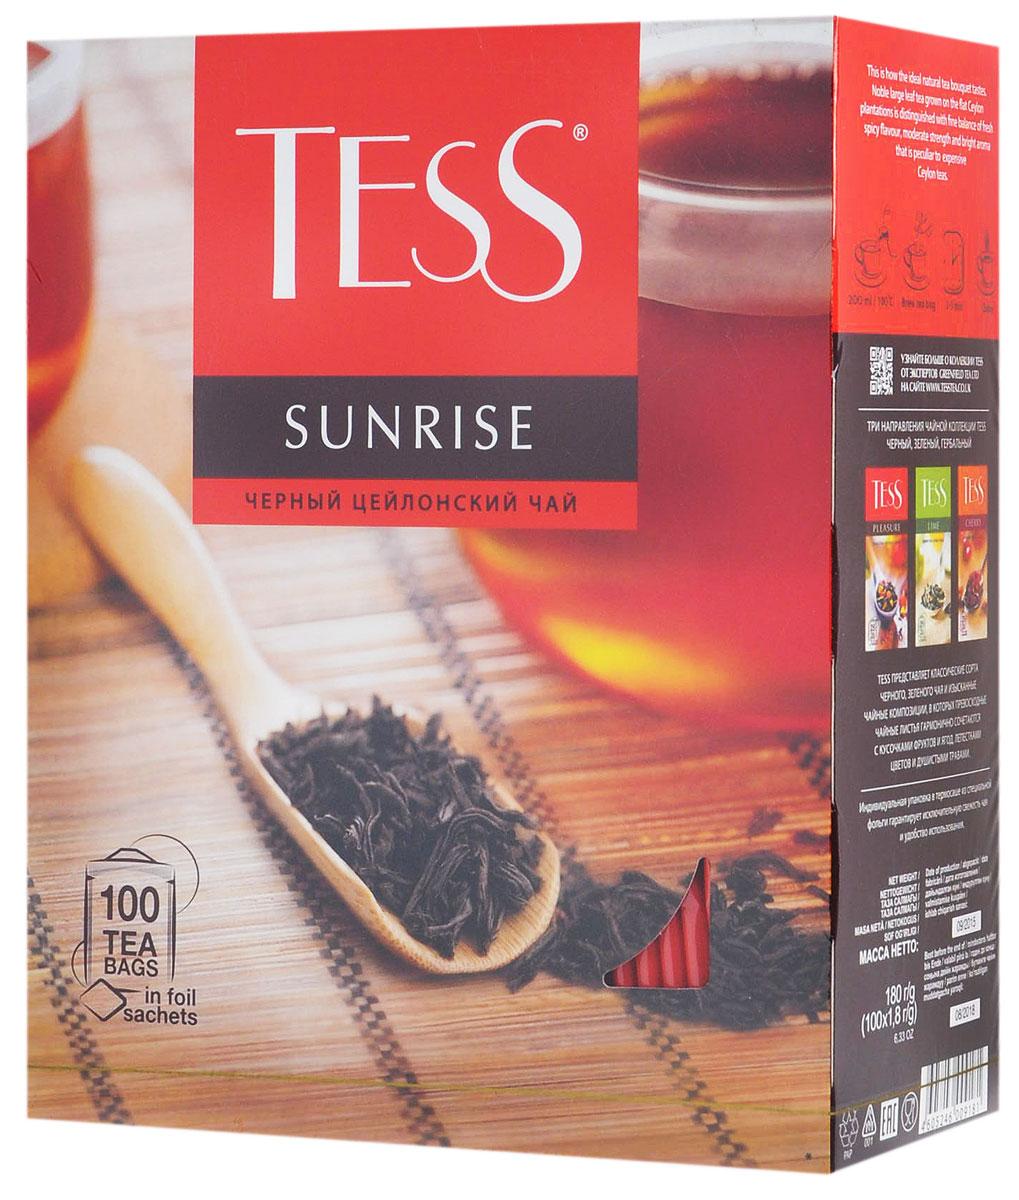 Tess Sunrise черный чай в пакетиках, 100 шт0120710Черный байховый цейлонский чай Tess Sunrise отличается необыкновенно насыщенным ярким вкусом и тонким, очень приятным ароматом, свойственным цейлонским чаям.